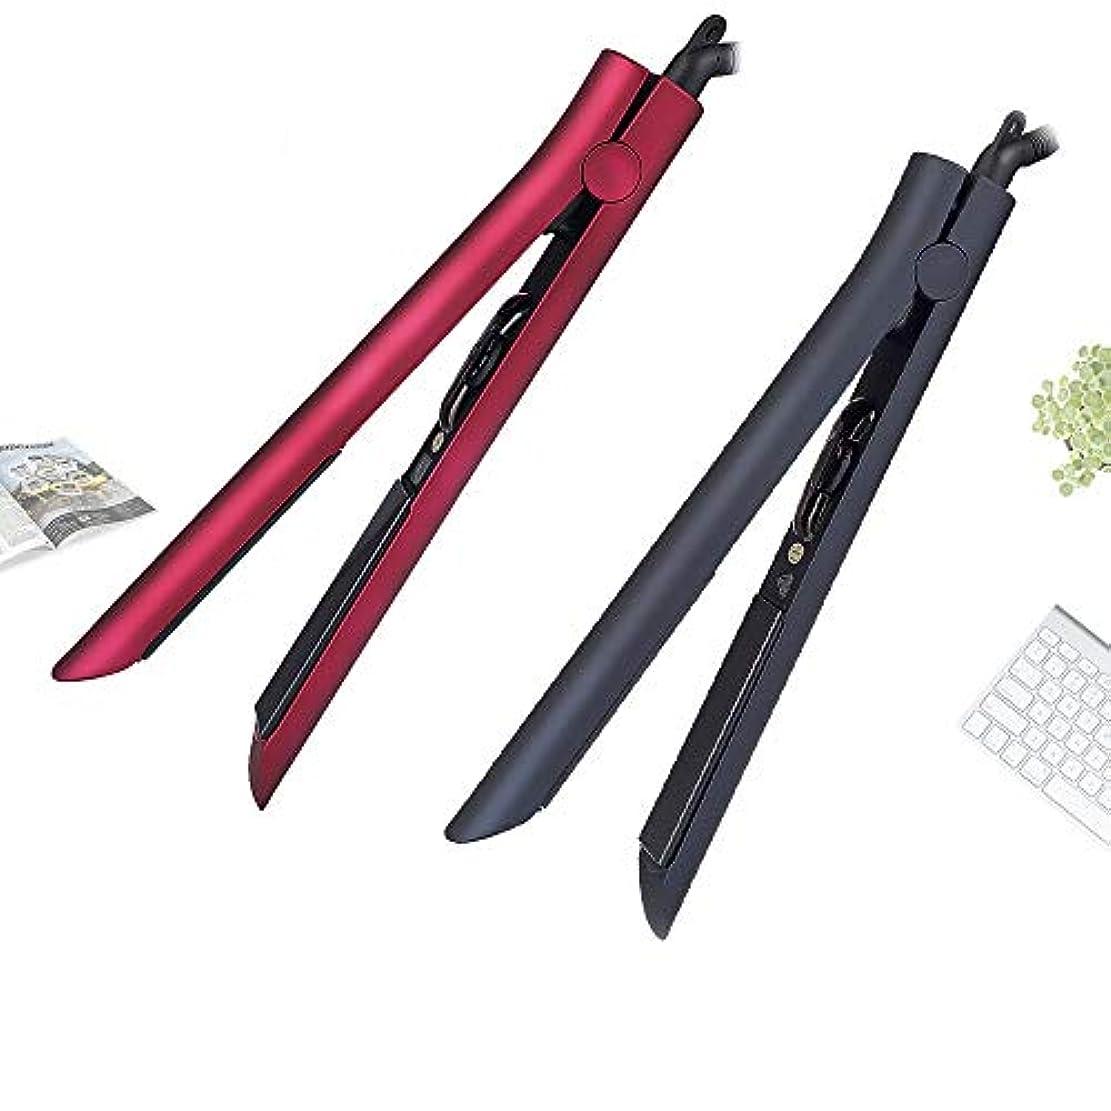 操作可能変成器パンツ1つに付き2つのカーリングアイロンおよび毛のストレートナ、温度調整の専門の毛のストレートナ、PTCの陶磁器のヘアカーラー モデリングツール (色 : 黒)